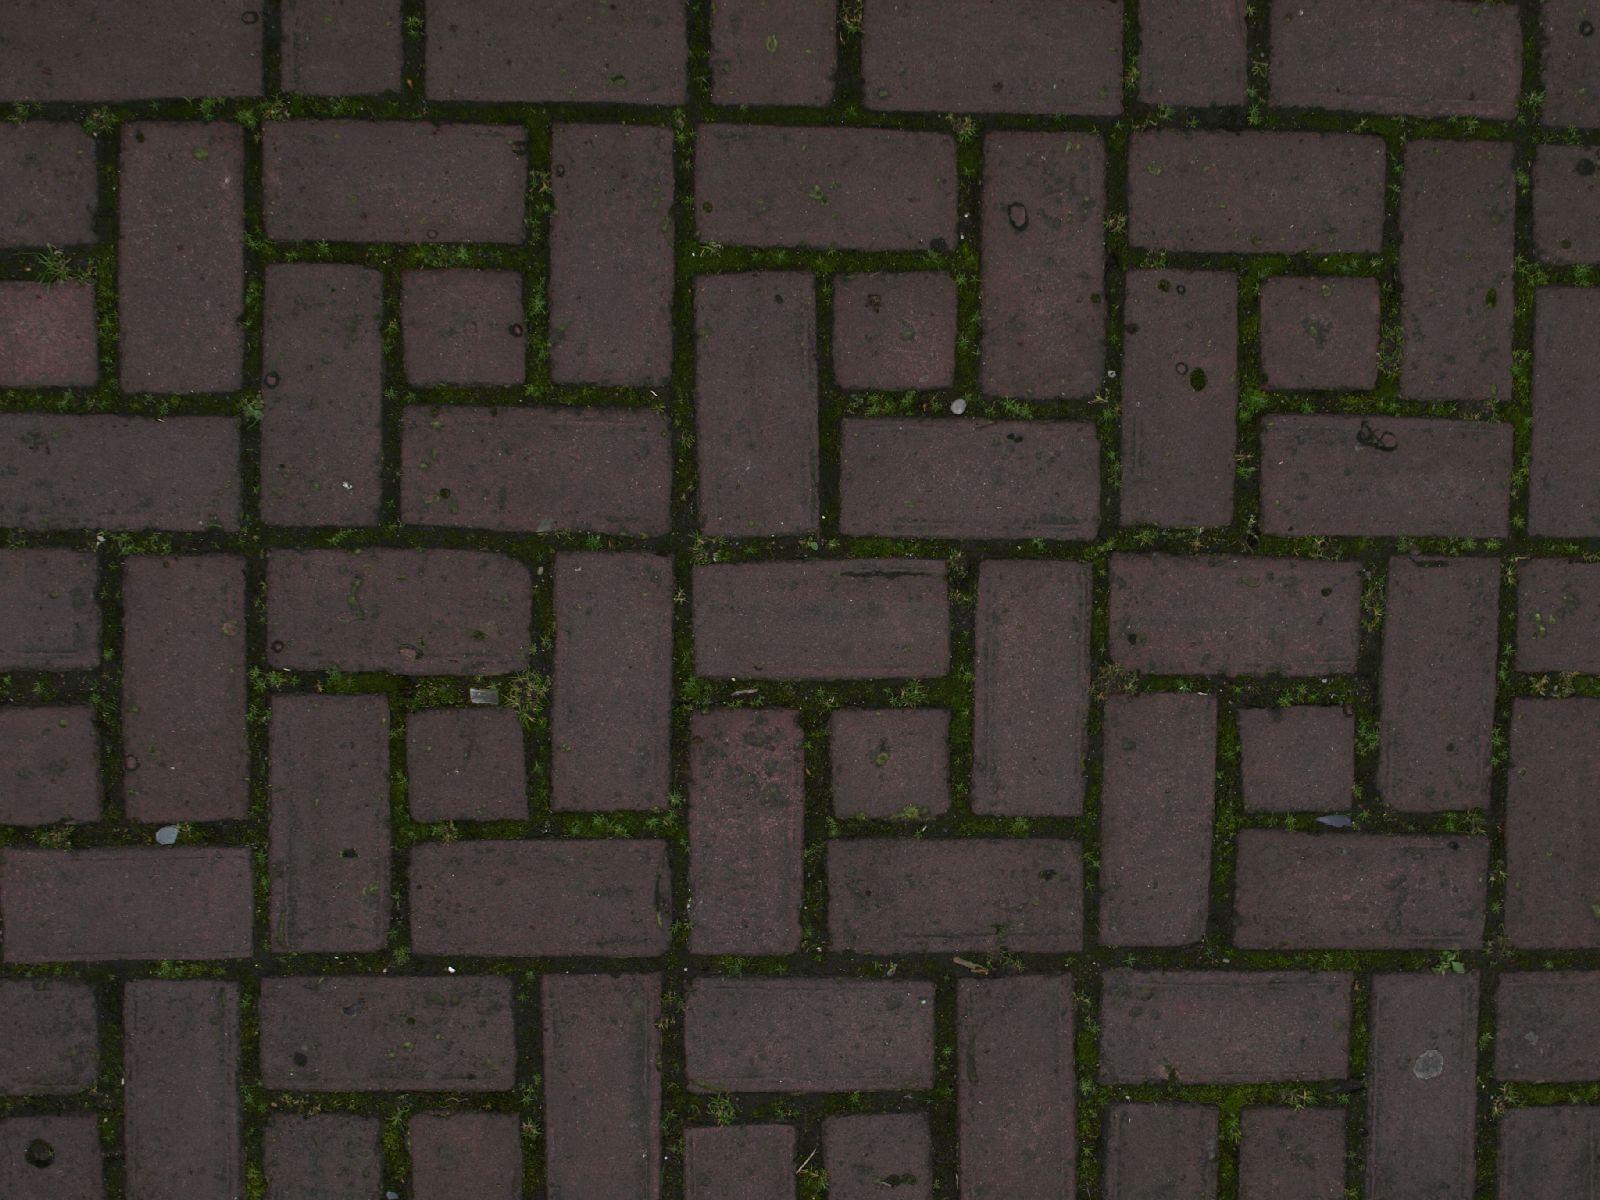 Ground-Urban_Texture_A_P4131221